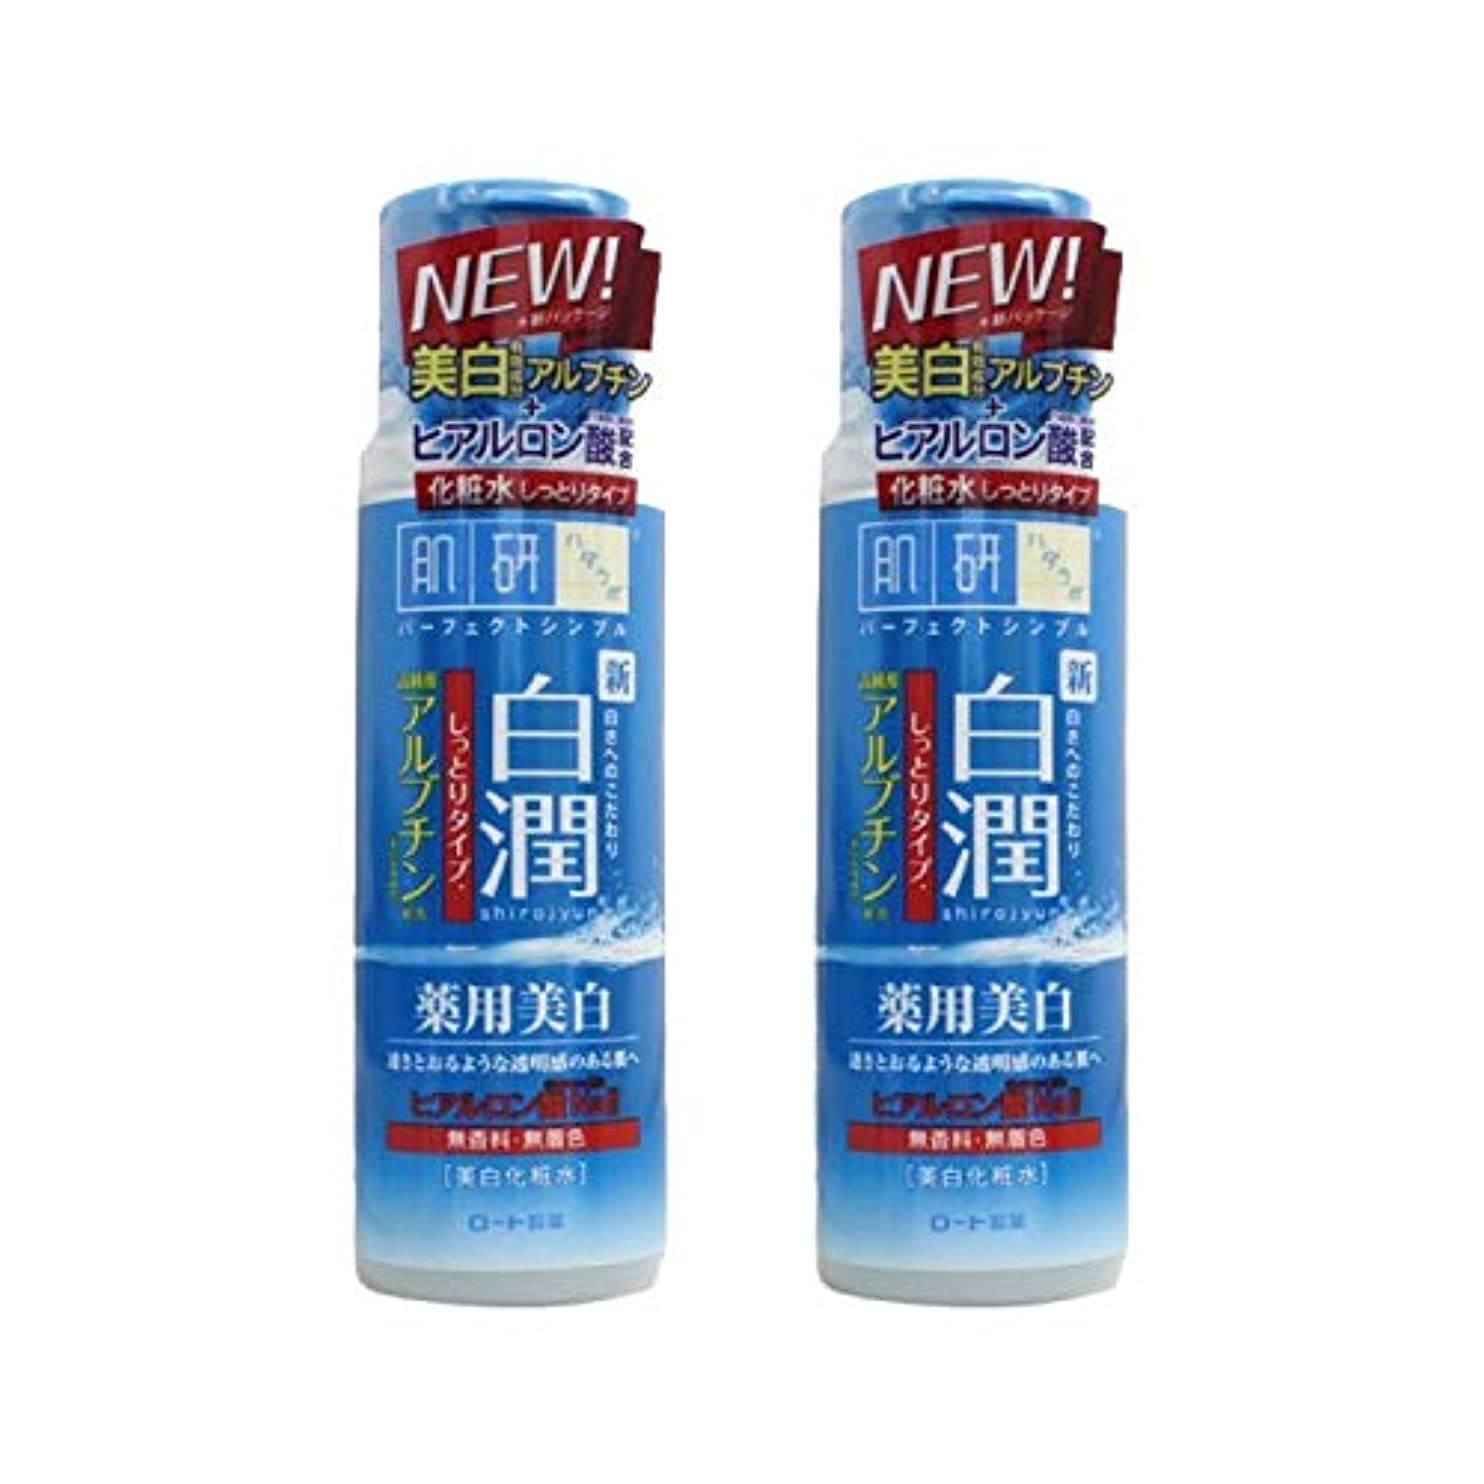 無駄だ流行知る【2本セット】 肌ラボ 白潤 薬用美白化粧水 しっとりタイプ 170mL (医薬部外品)× 2本